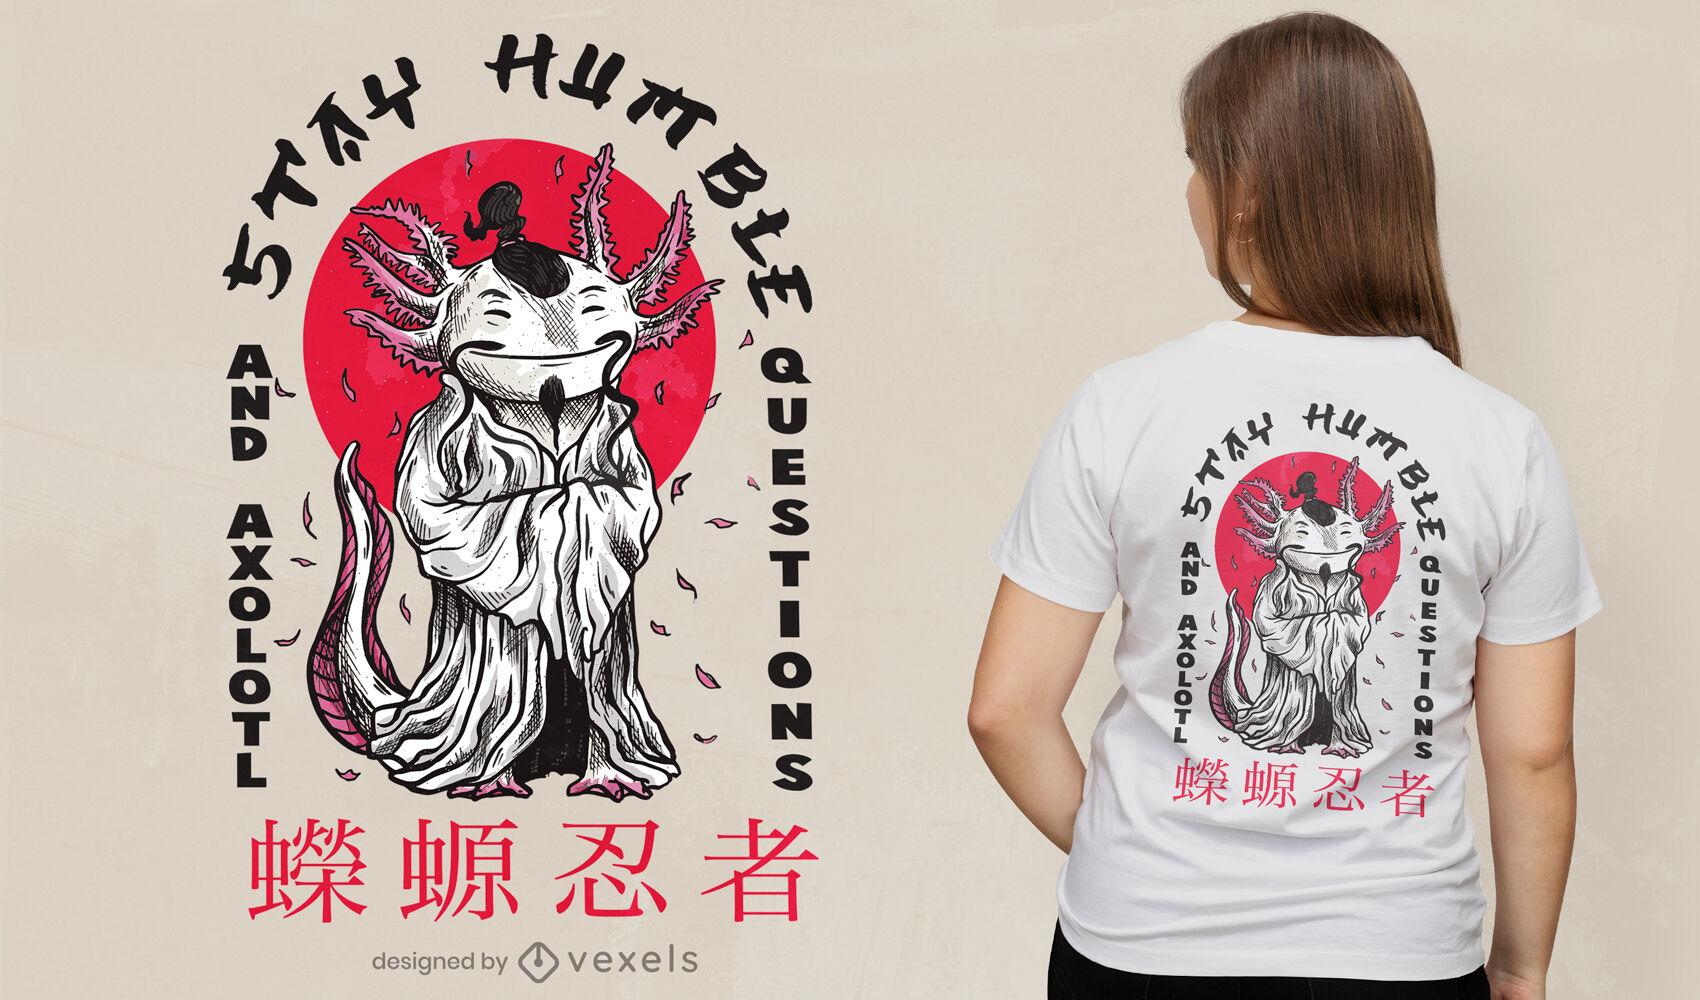 Dise?o de camiseta de axolotl humilde